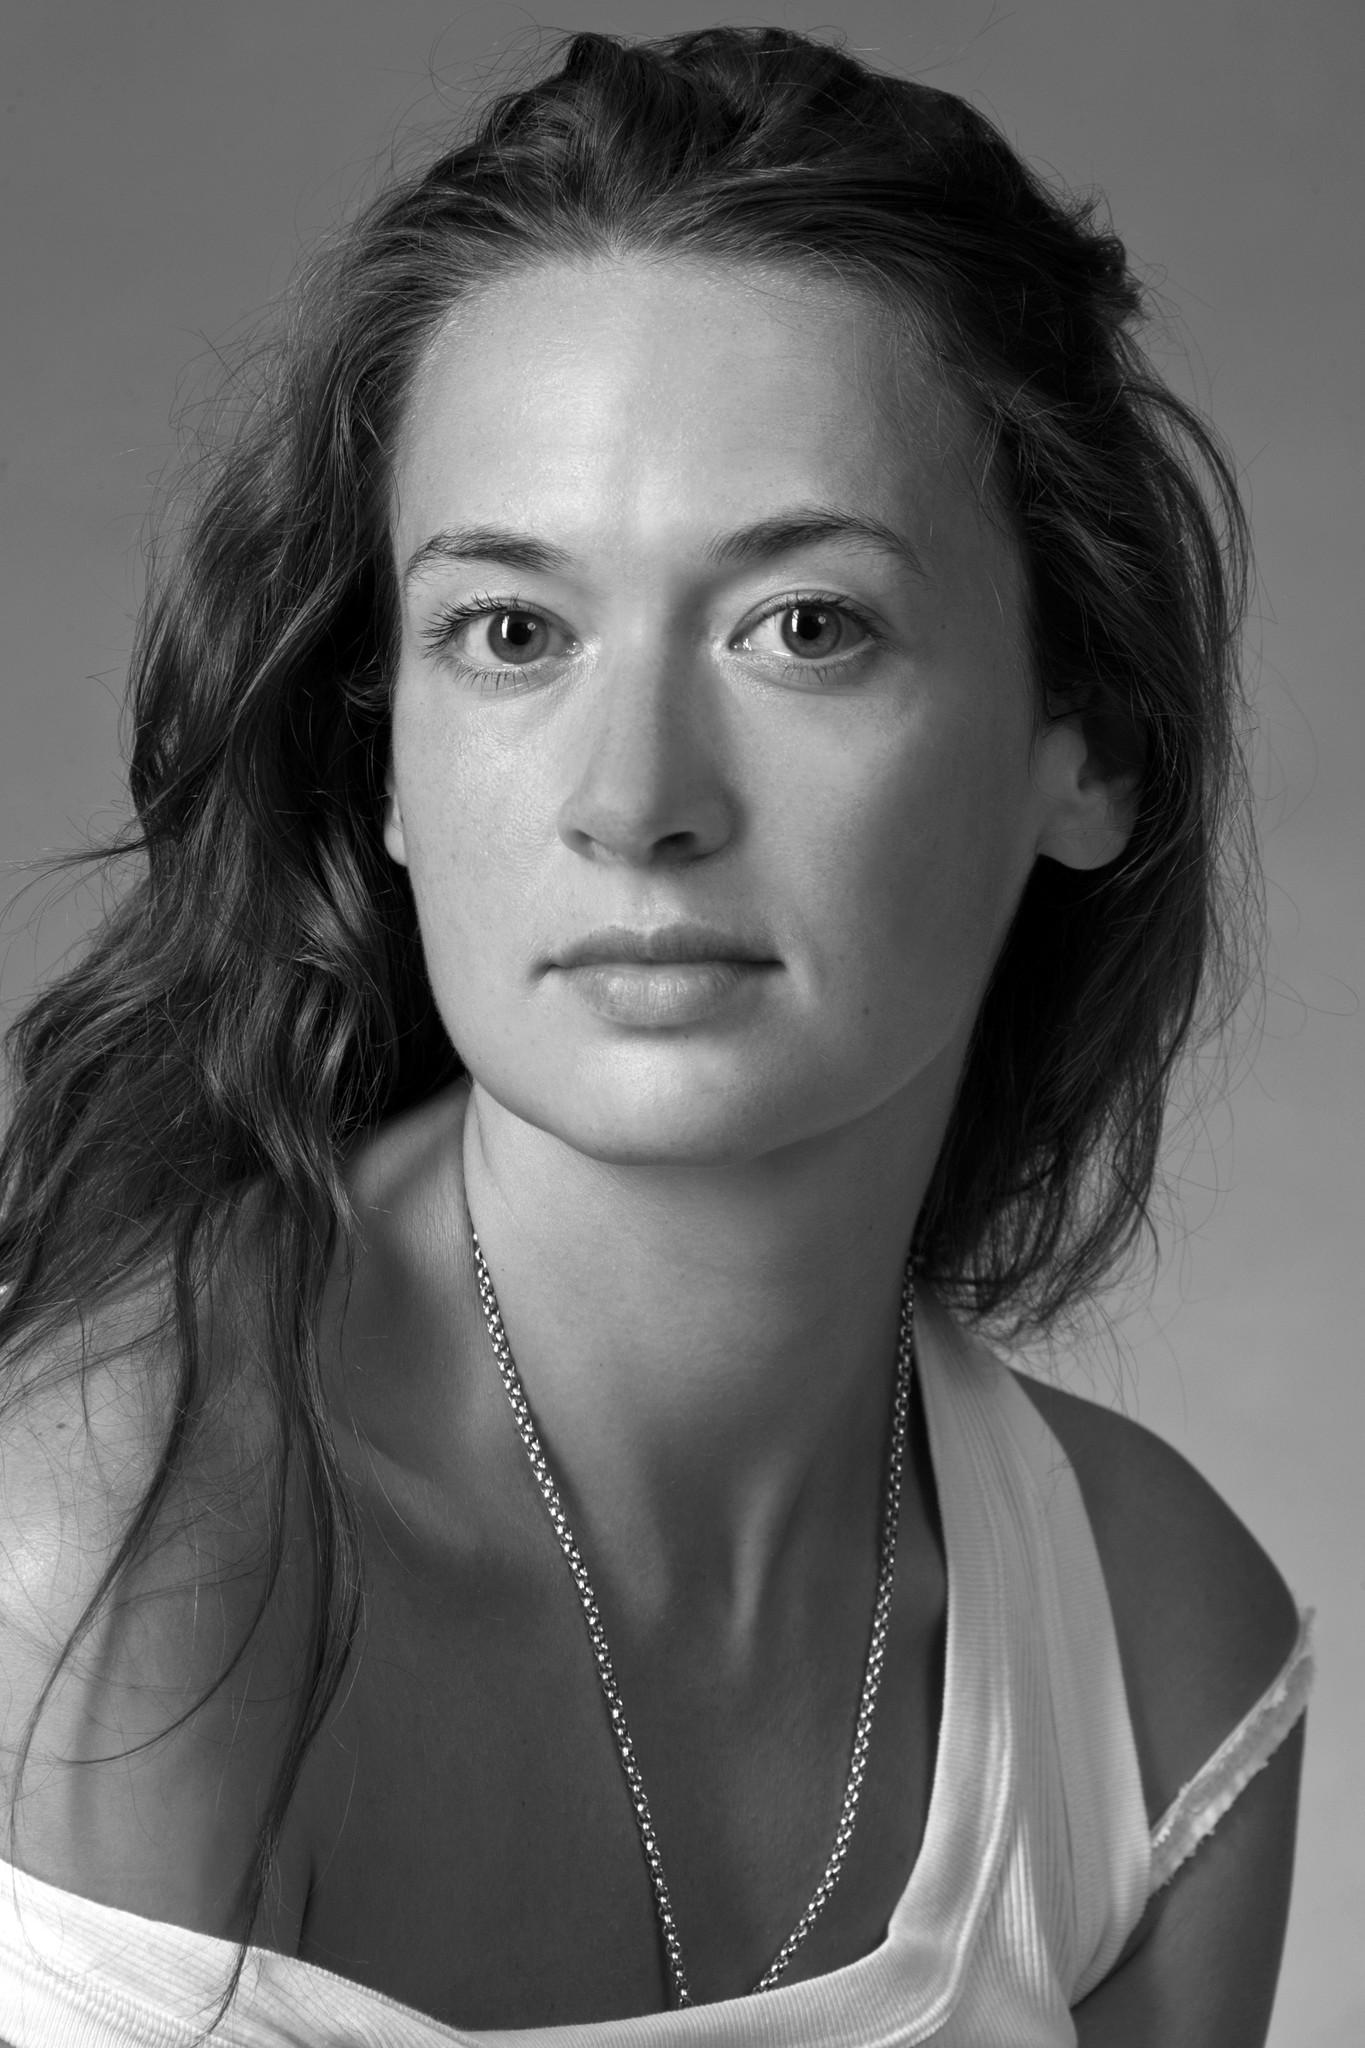 креплению мария добржинская актриса биография фото нашем интернет-магазине